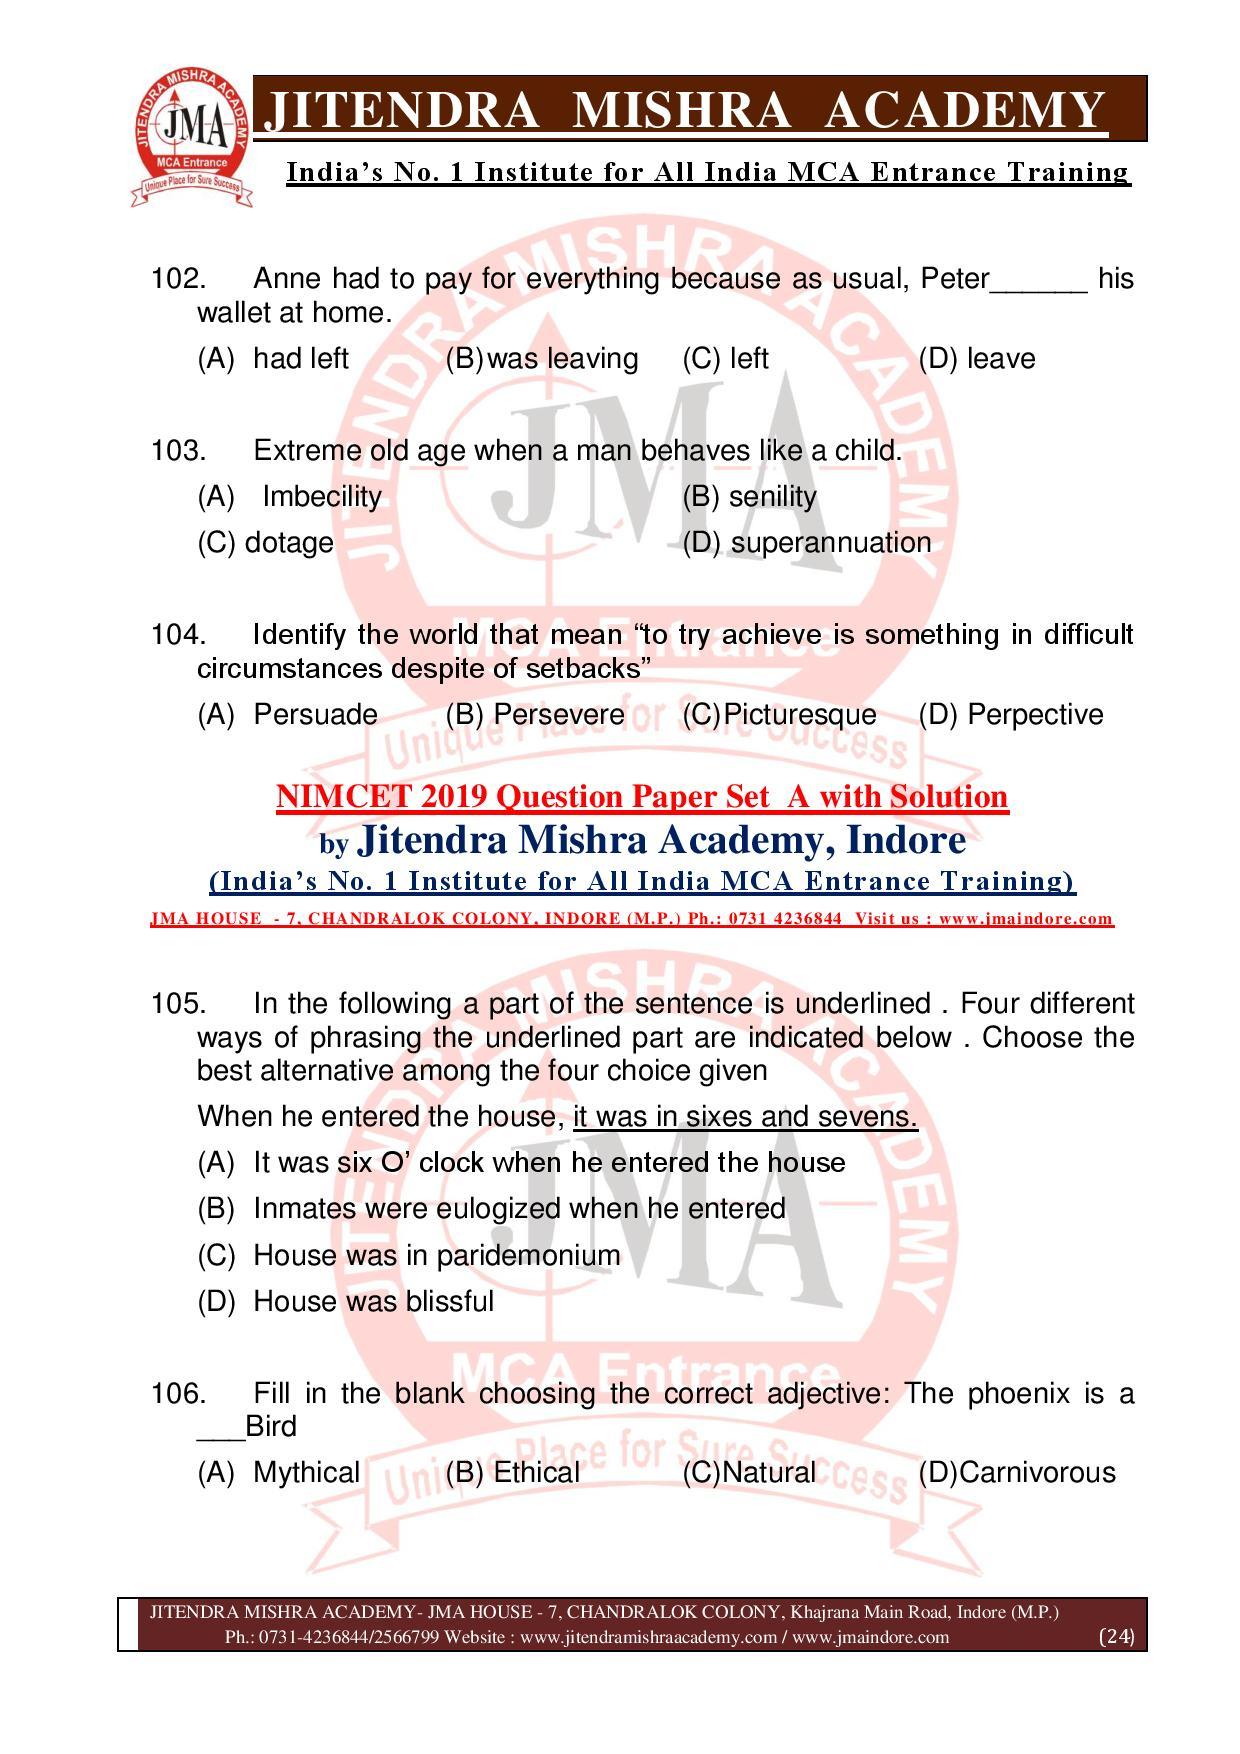 NIMCET 2019 QUESTION PAPER (SET - A) final-page-024